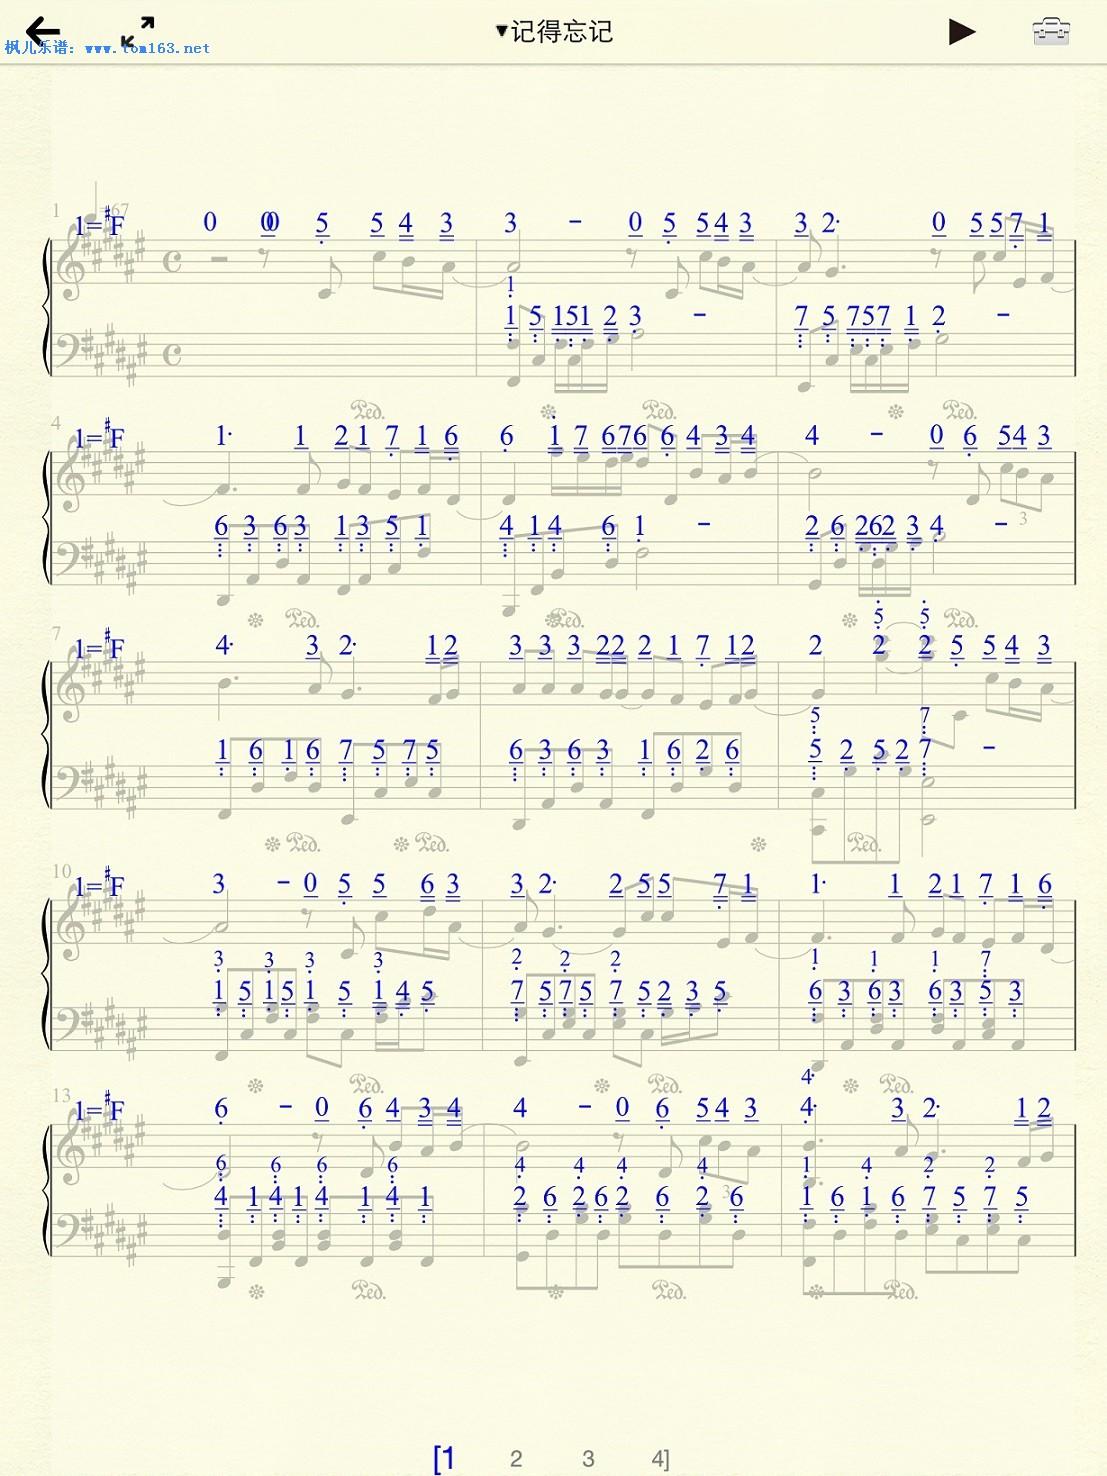 笑看风云钢琴曲谱数字-记得忘记 钢琴谱 五线谱 林峰